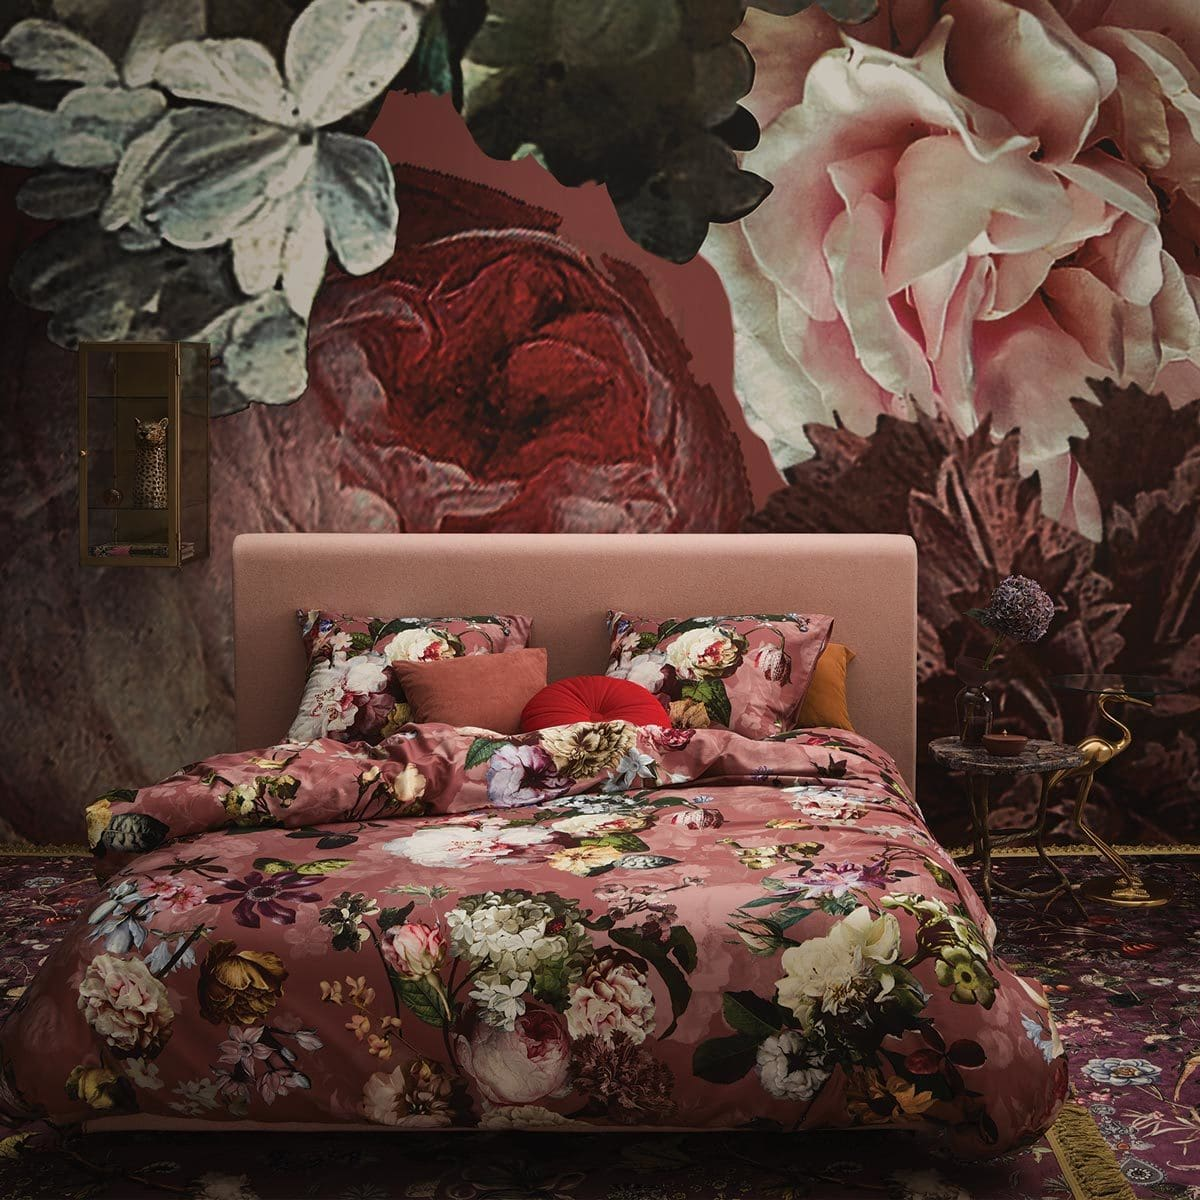 Essenza Mako Satin Bettwäsche Fleur Dusty Rose Günstig Online Kaufen